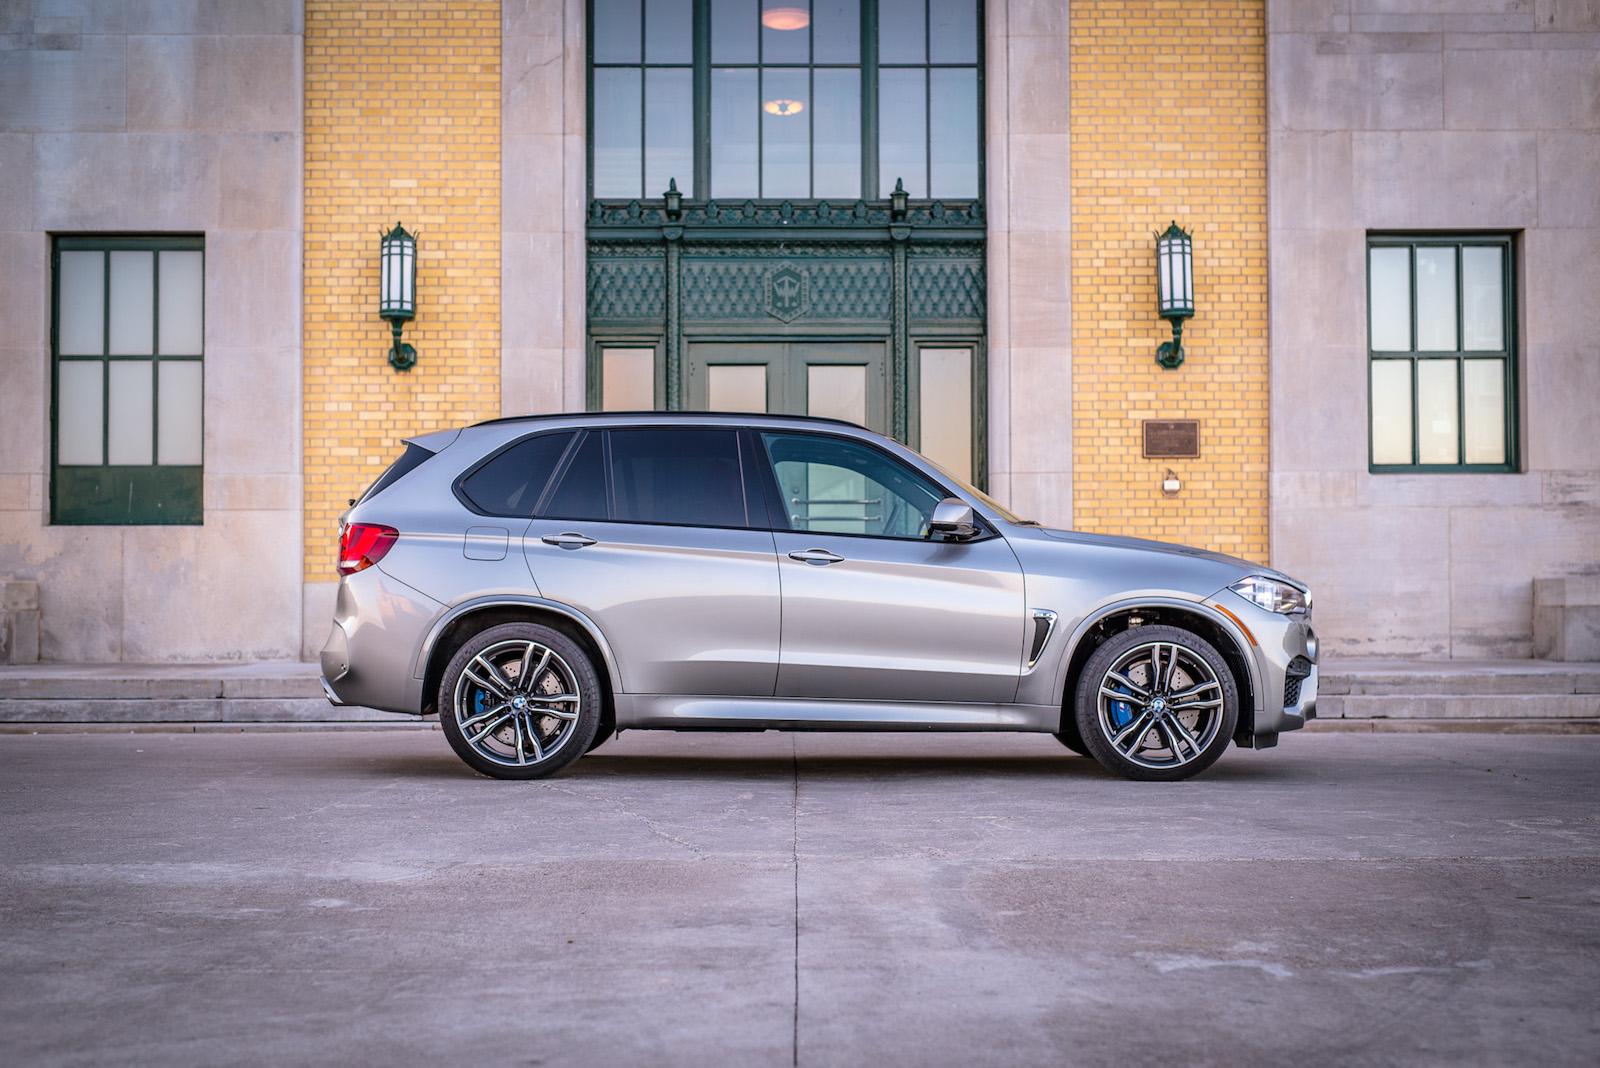 Bmw X6 0 60 >> Review: 2015 BMW X5 M (Canada)